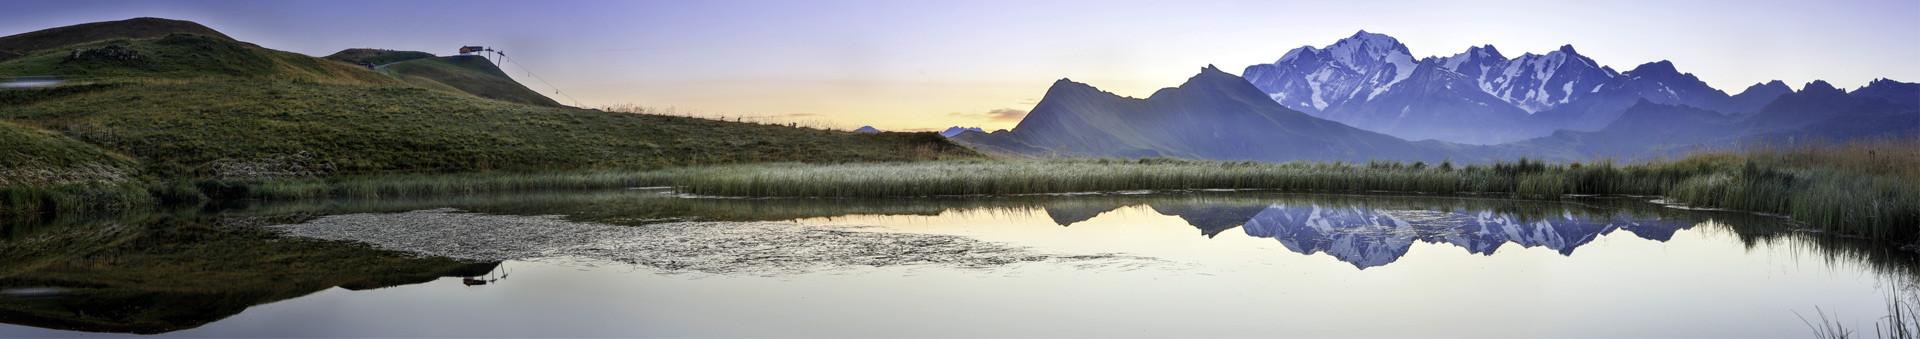 pechette-lac-mont-blanc-2548